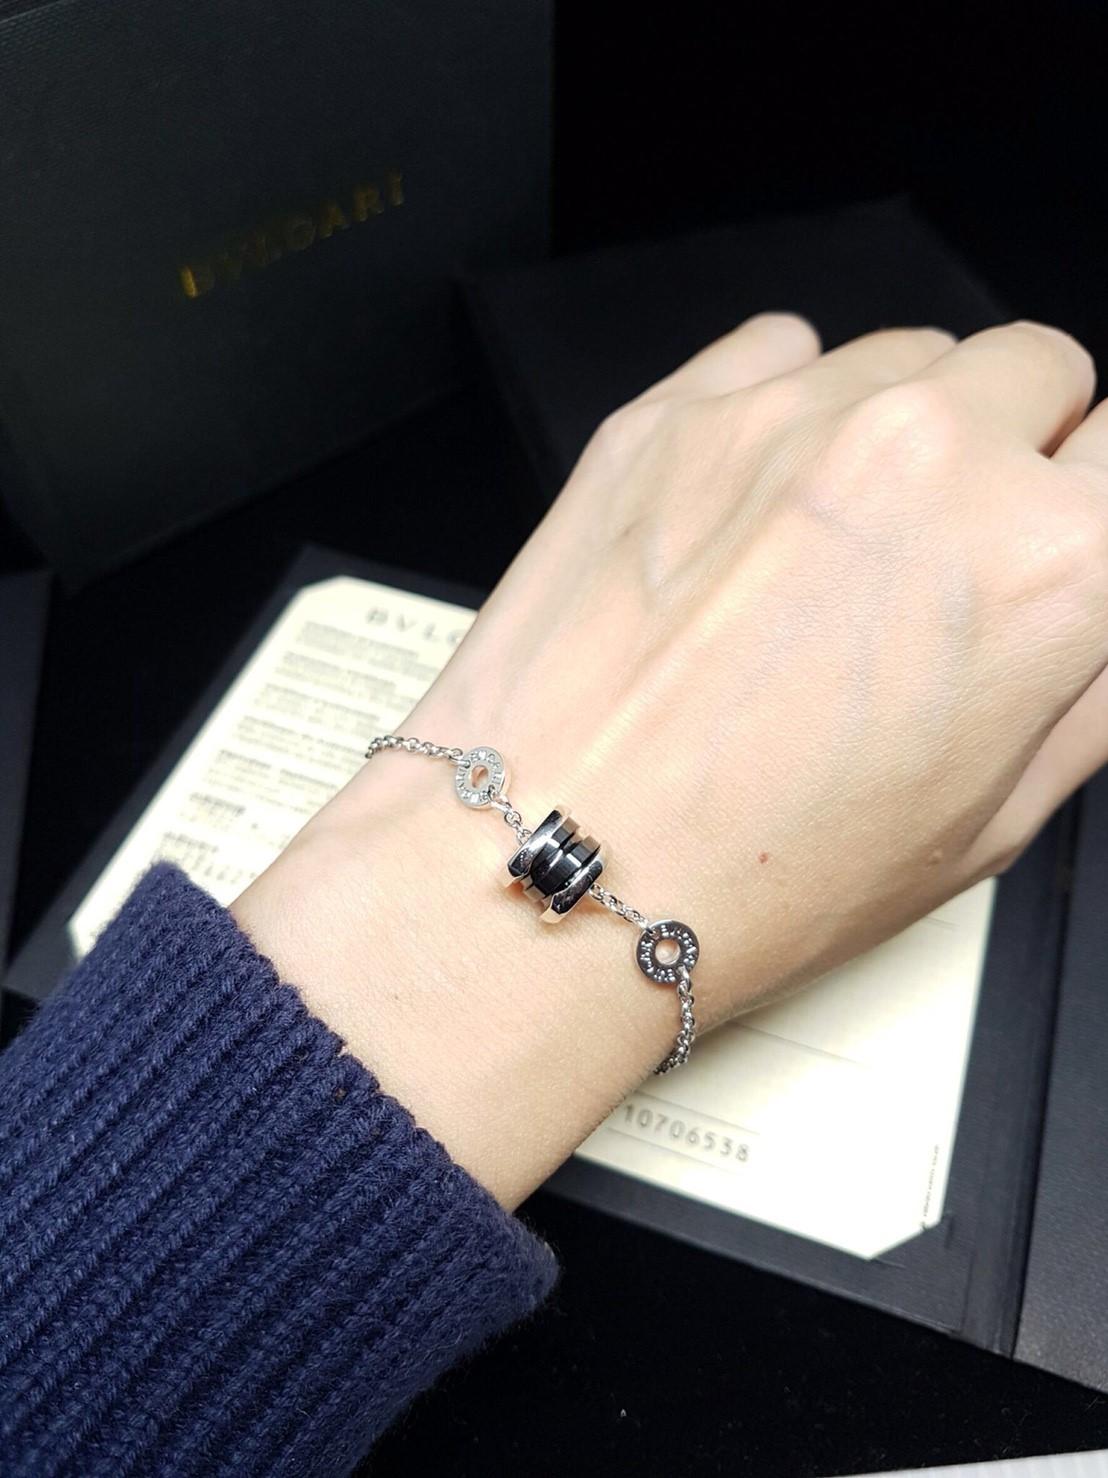 พร้อมส่ง ~ Diamond Bvlgari Bracelet ข้อมือ บูการี่ปลอกดำ เหมือนแท้ชนช๊อป งาน1:1